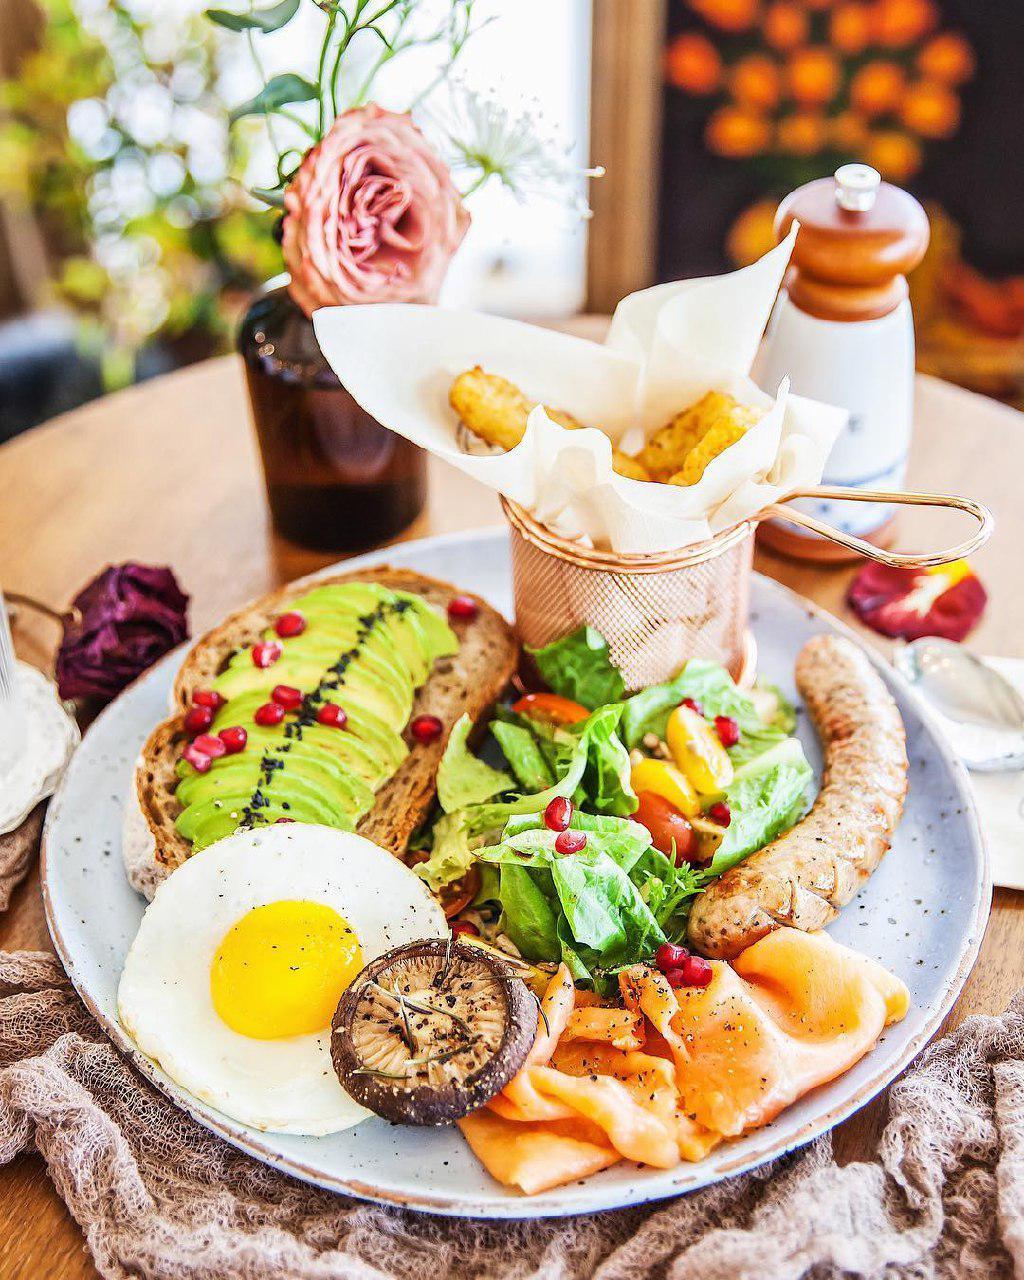 Cafe de Nicole's Flower food